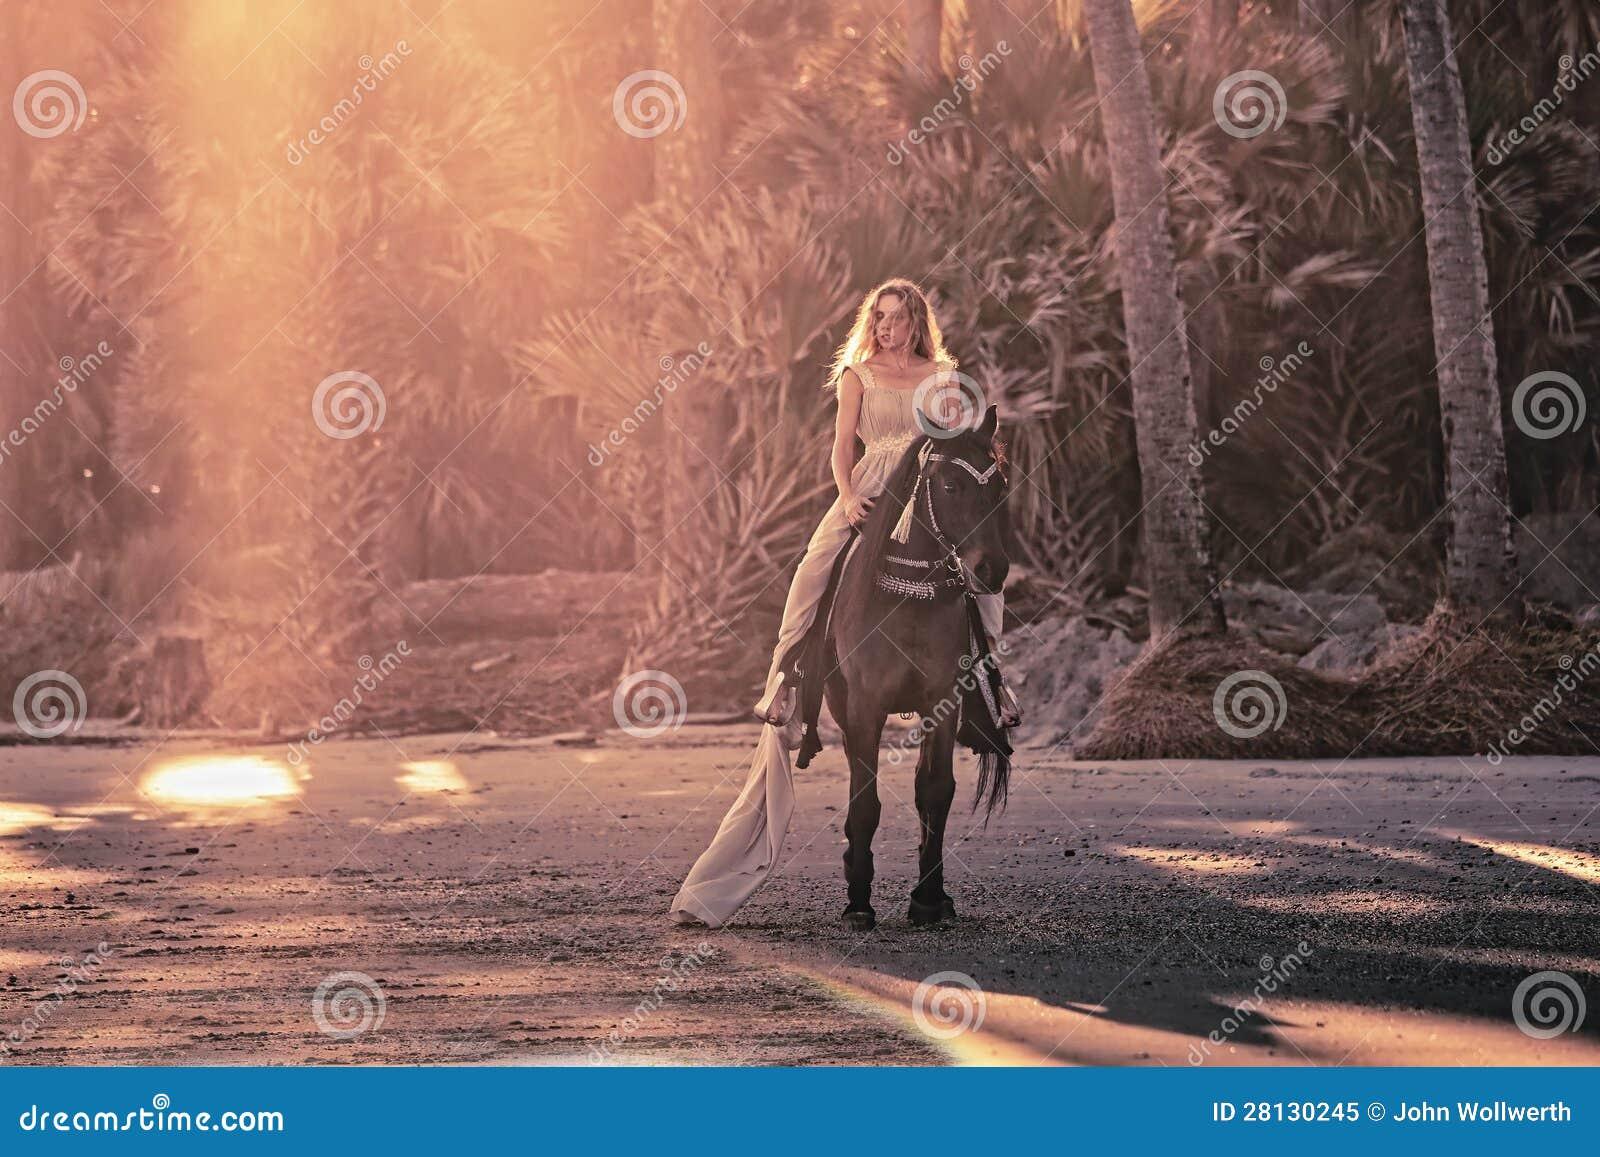 Surreal droomsc?ne van vrouw op paard